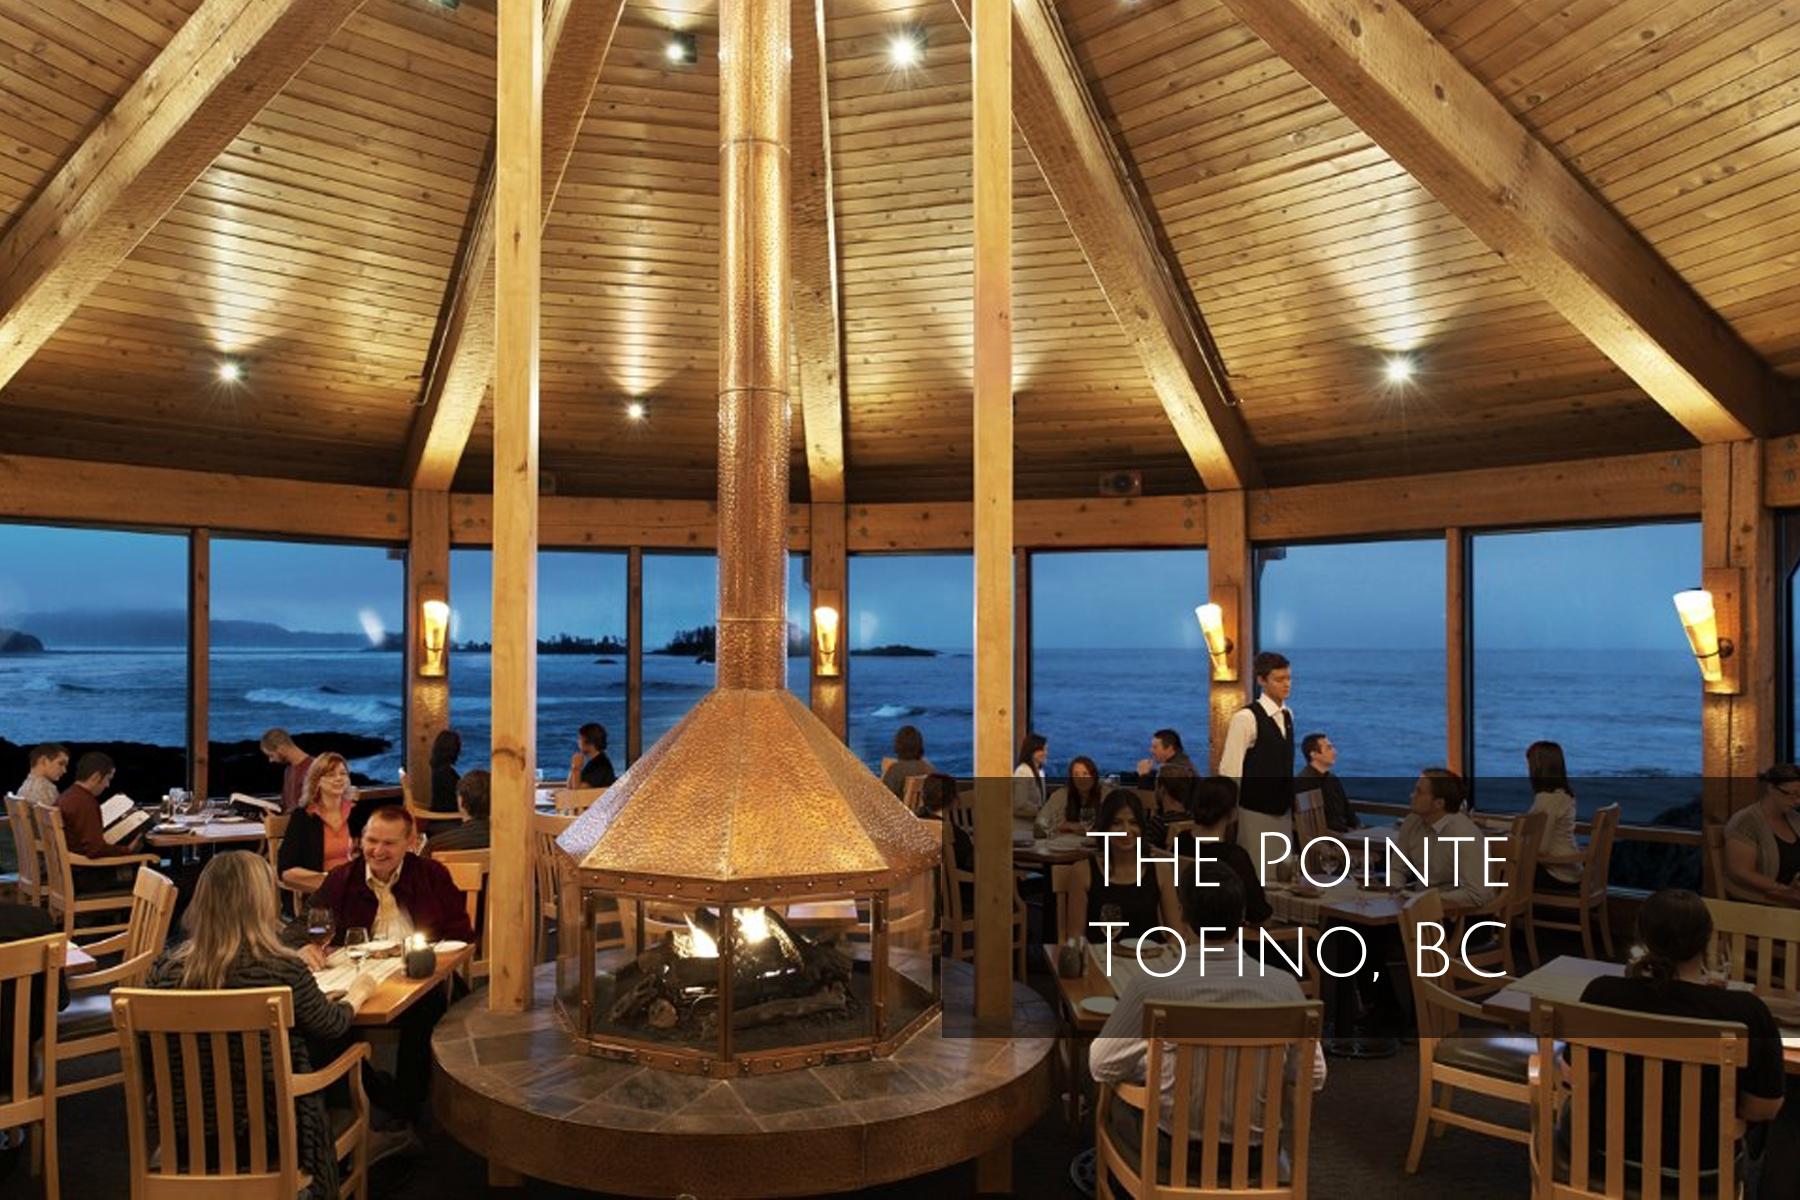 Unsworth Wine at the Pointe restauarant Wickaninnish Tofino BC